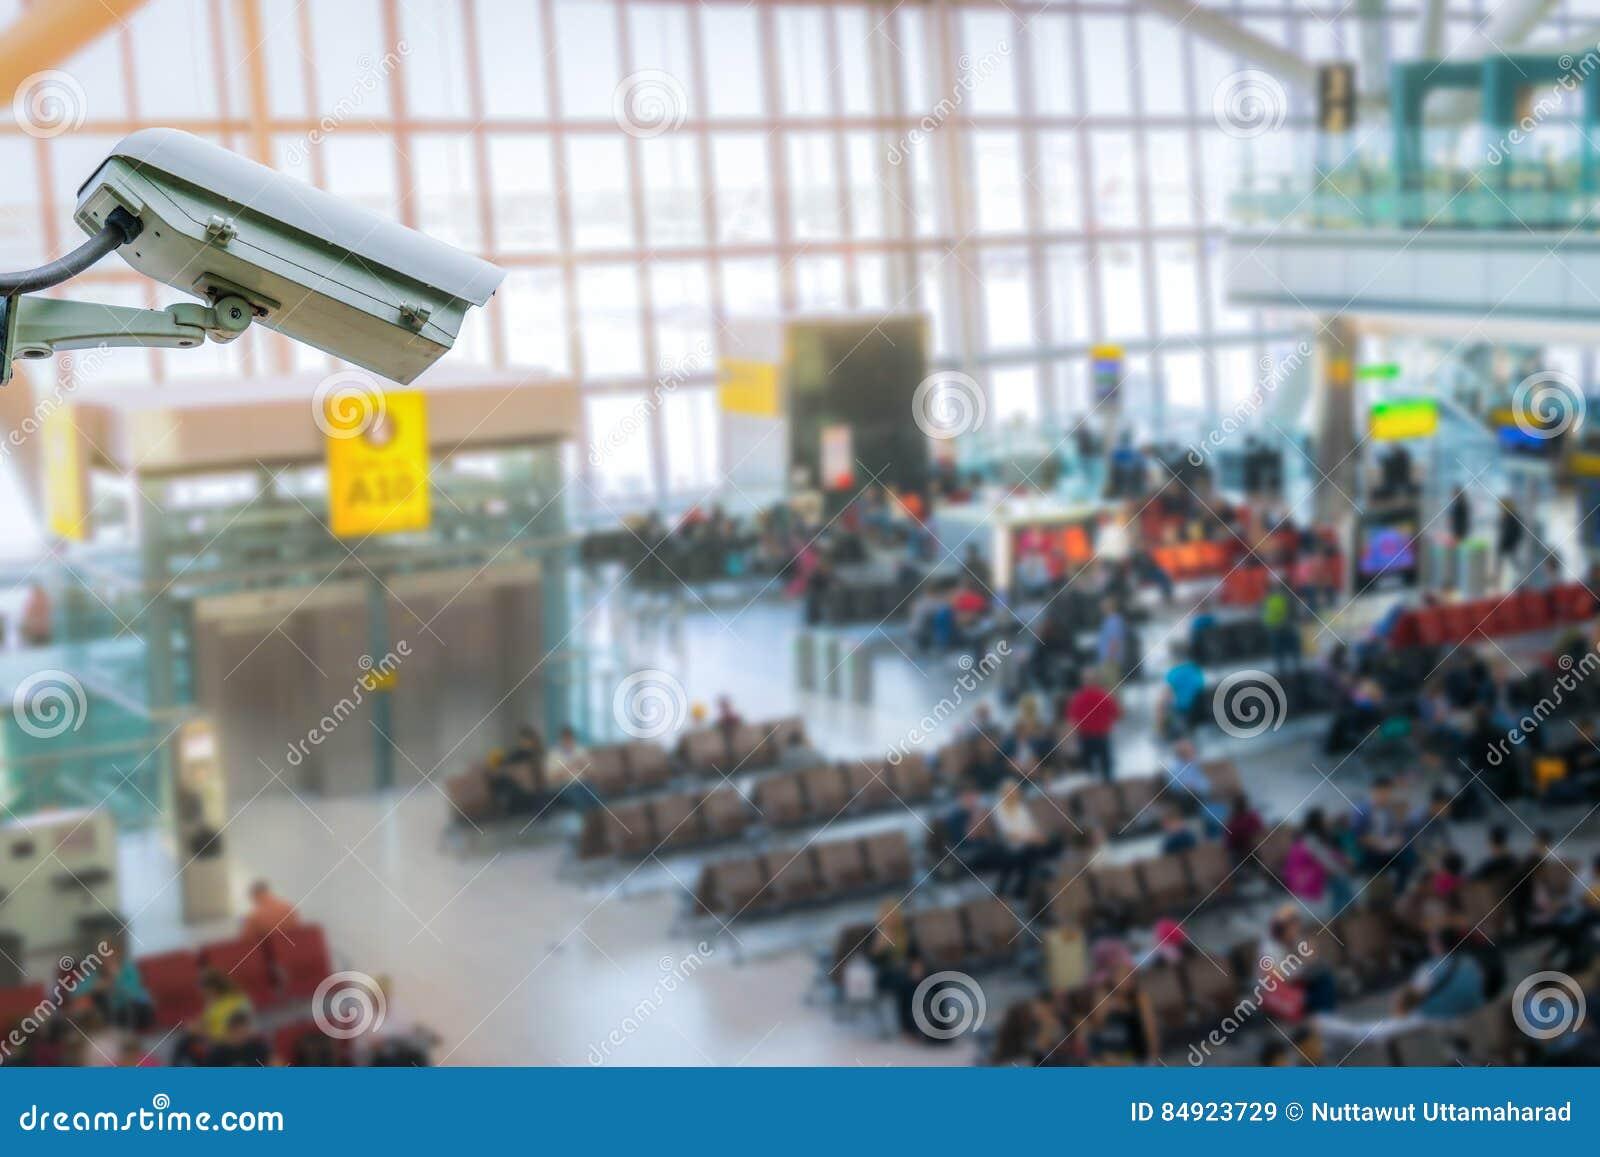 Monitoração de segurança do sistema do CCTV no borrão do aeroporto